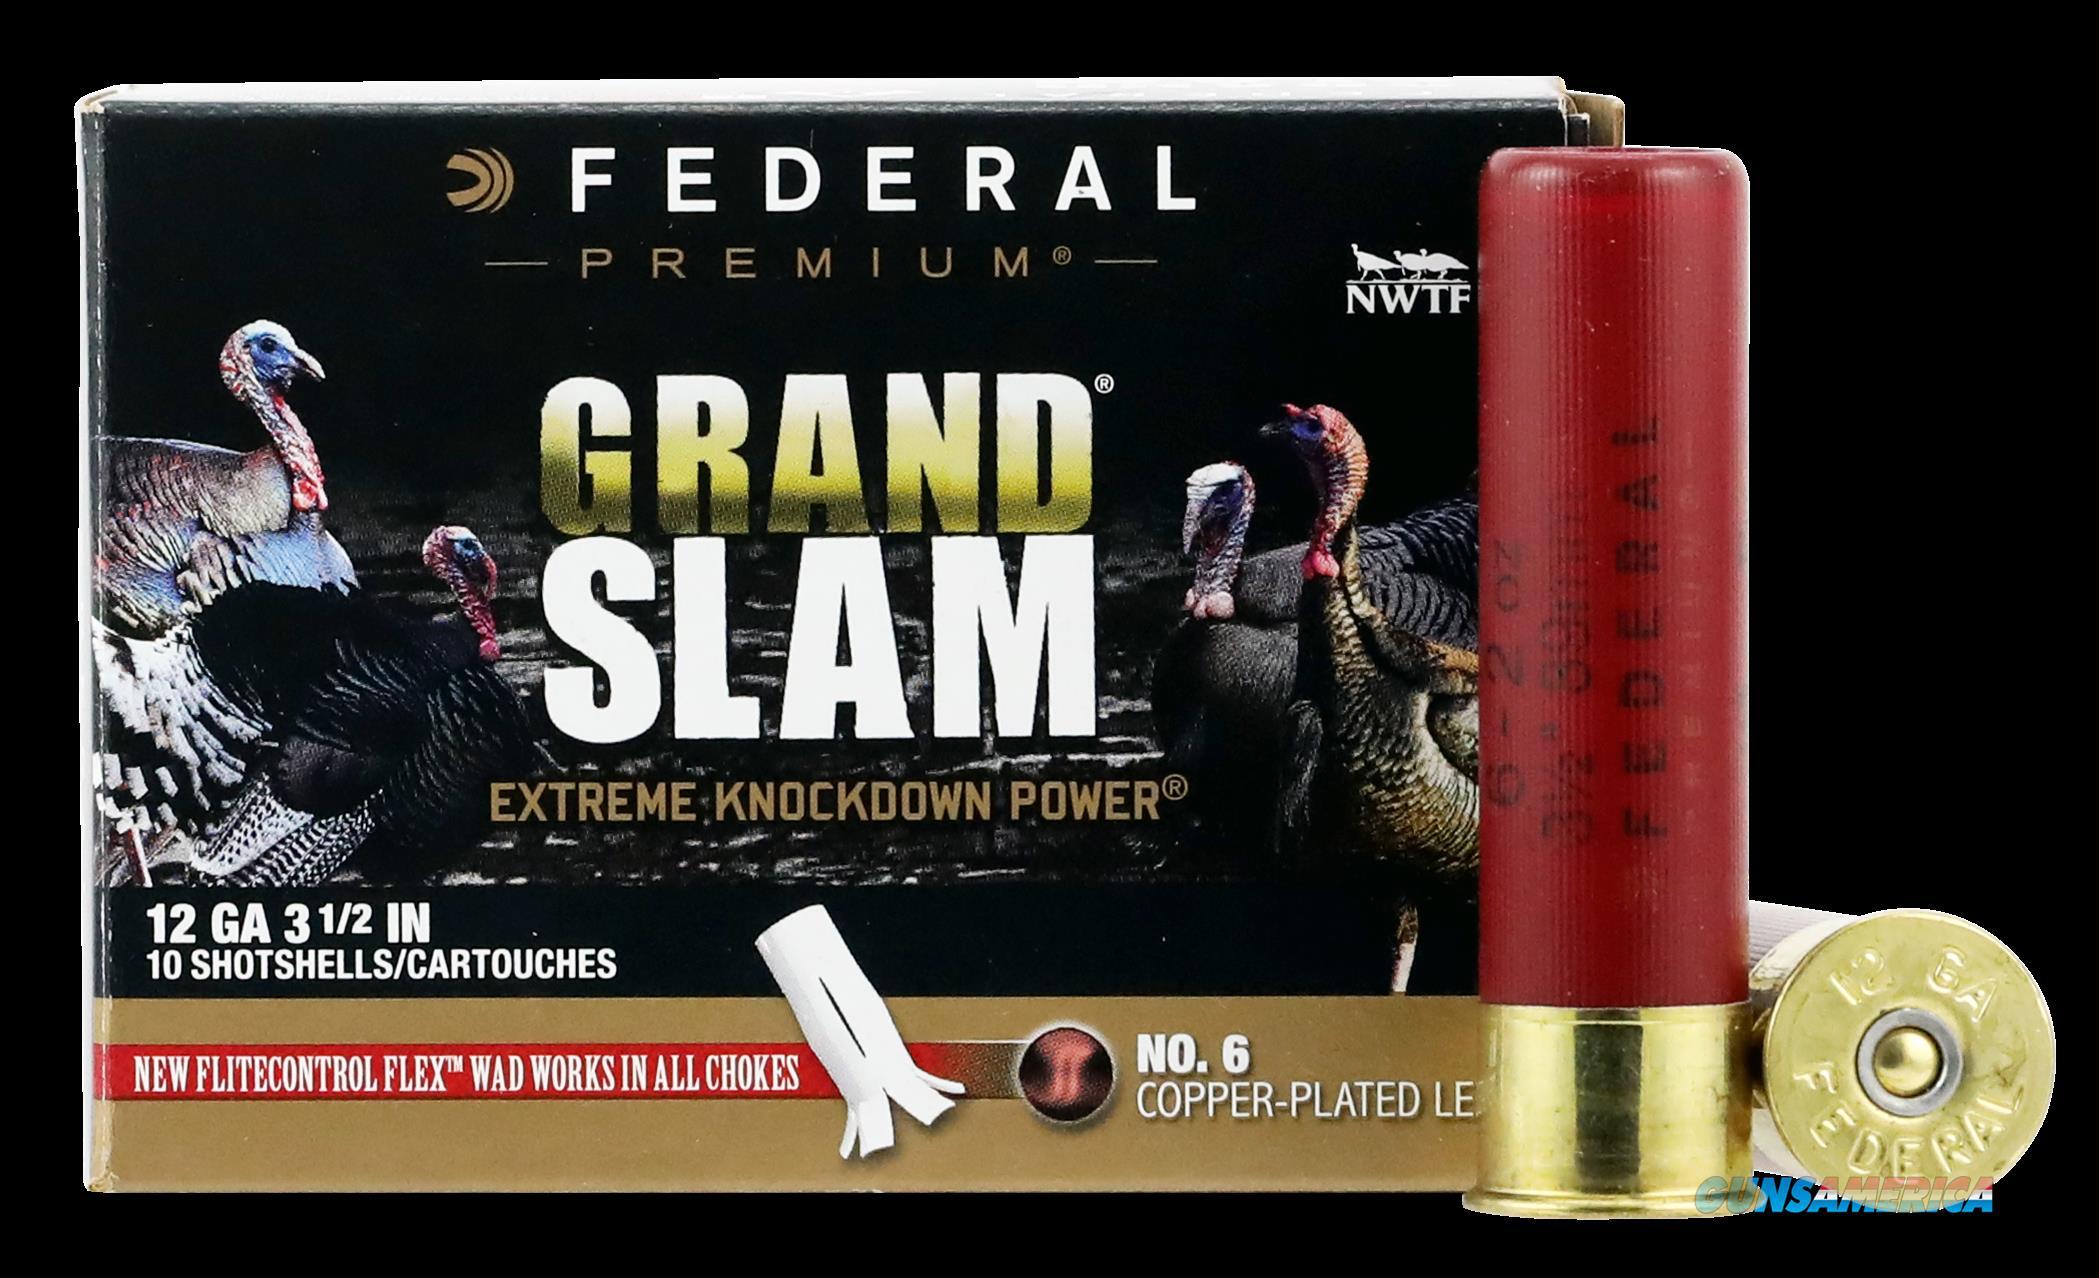 Federal Premium, Fed Pfcx139f6 Grslam  12 3.5 2oz         10-5  Tky  Guns > Pistols > 1911 Pistol Copies (non-Colt)